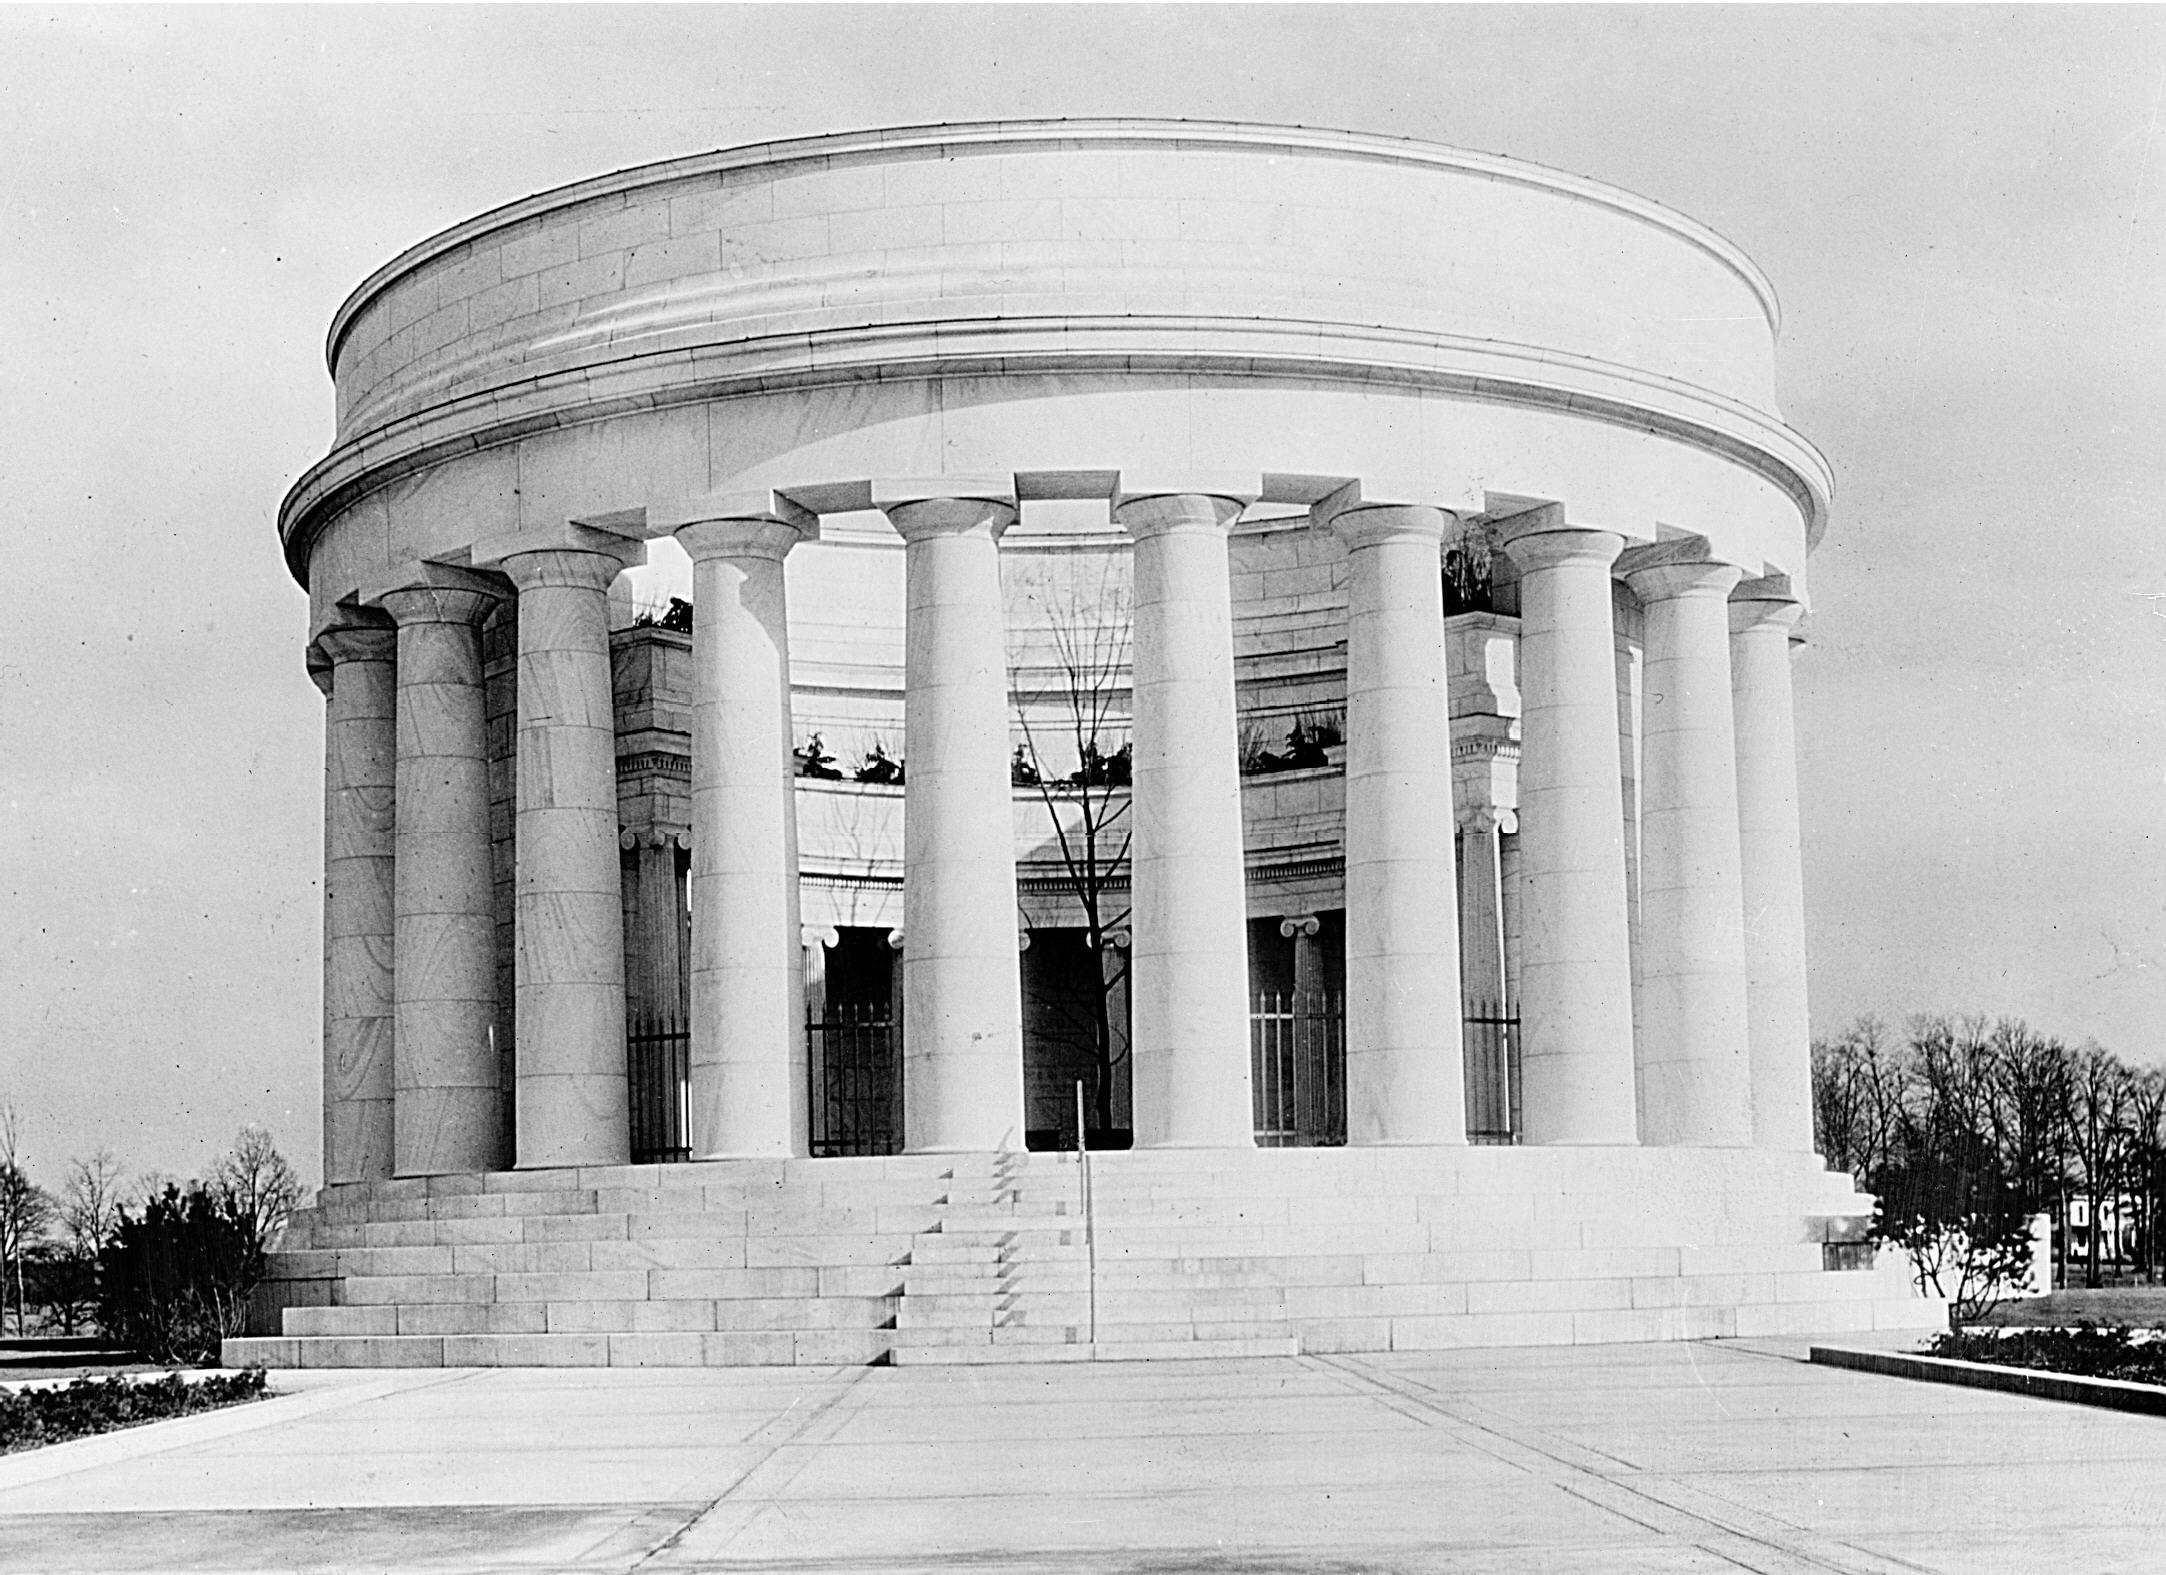 Harding Memorial in Marion, Ohio.